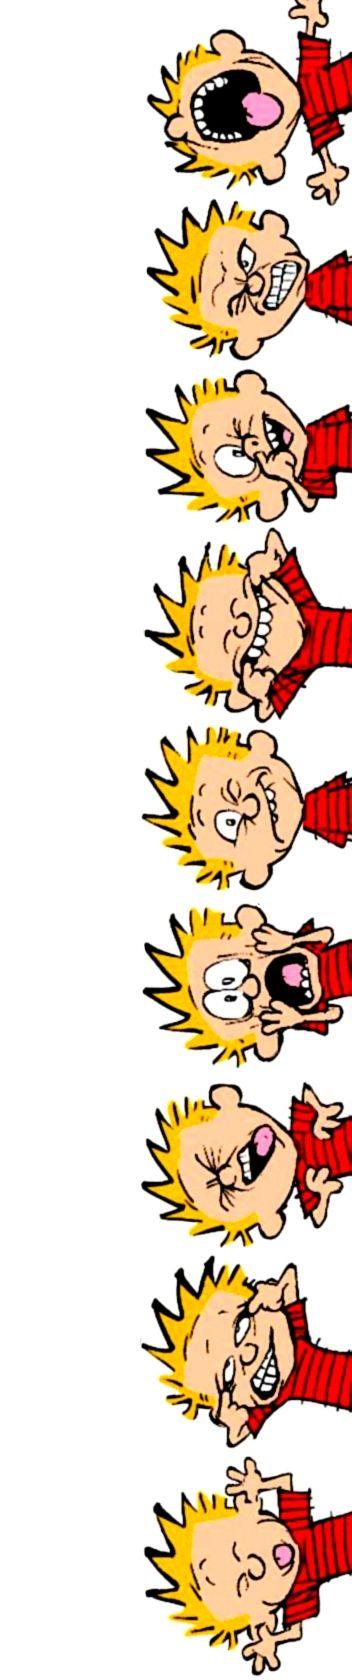 Calvin and Hobbes (DA) - That face.